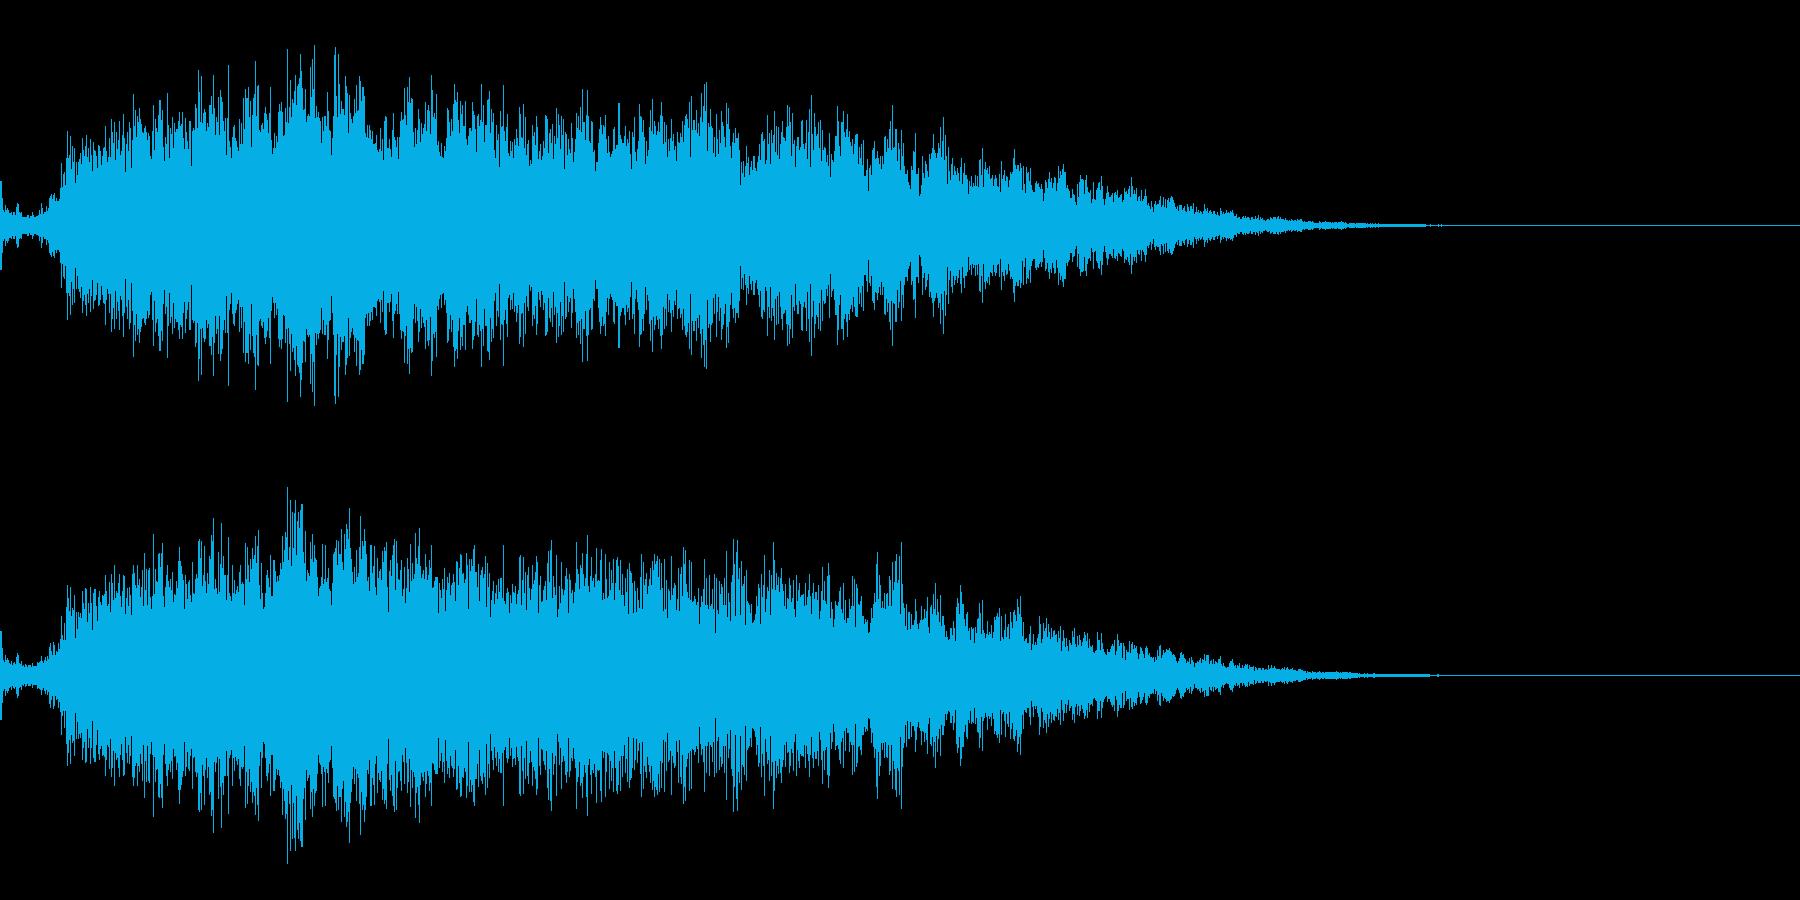 ピアノを加工したサウンドロゴの再生済みの波形